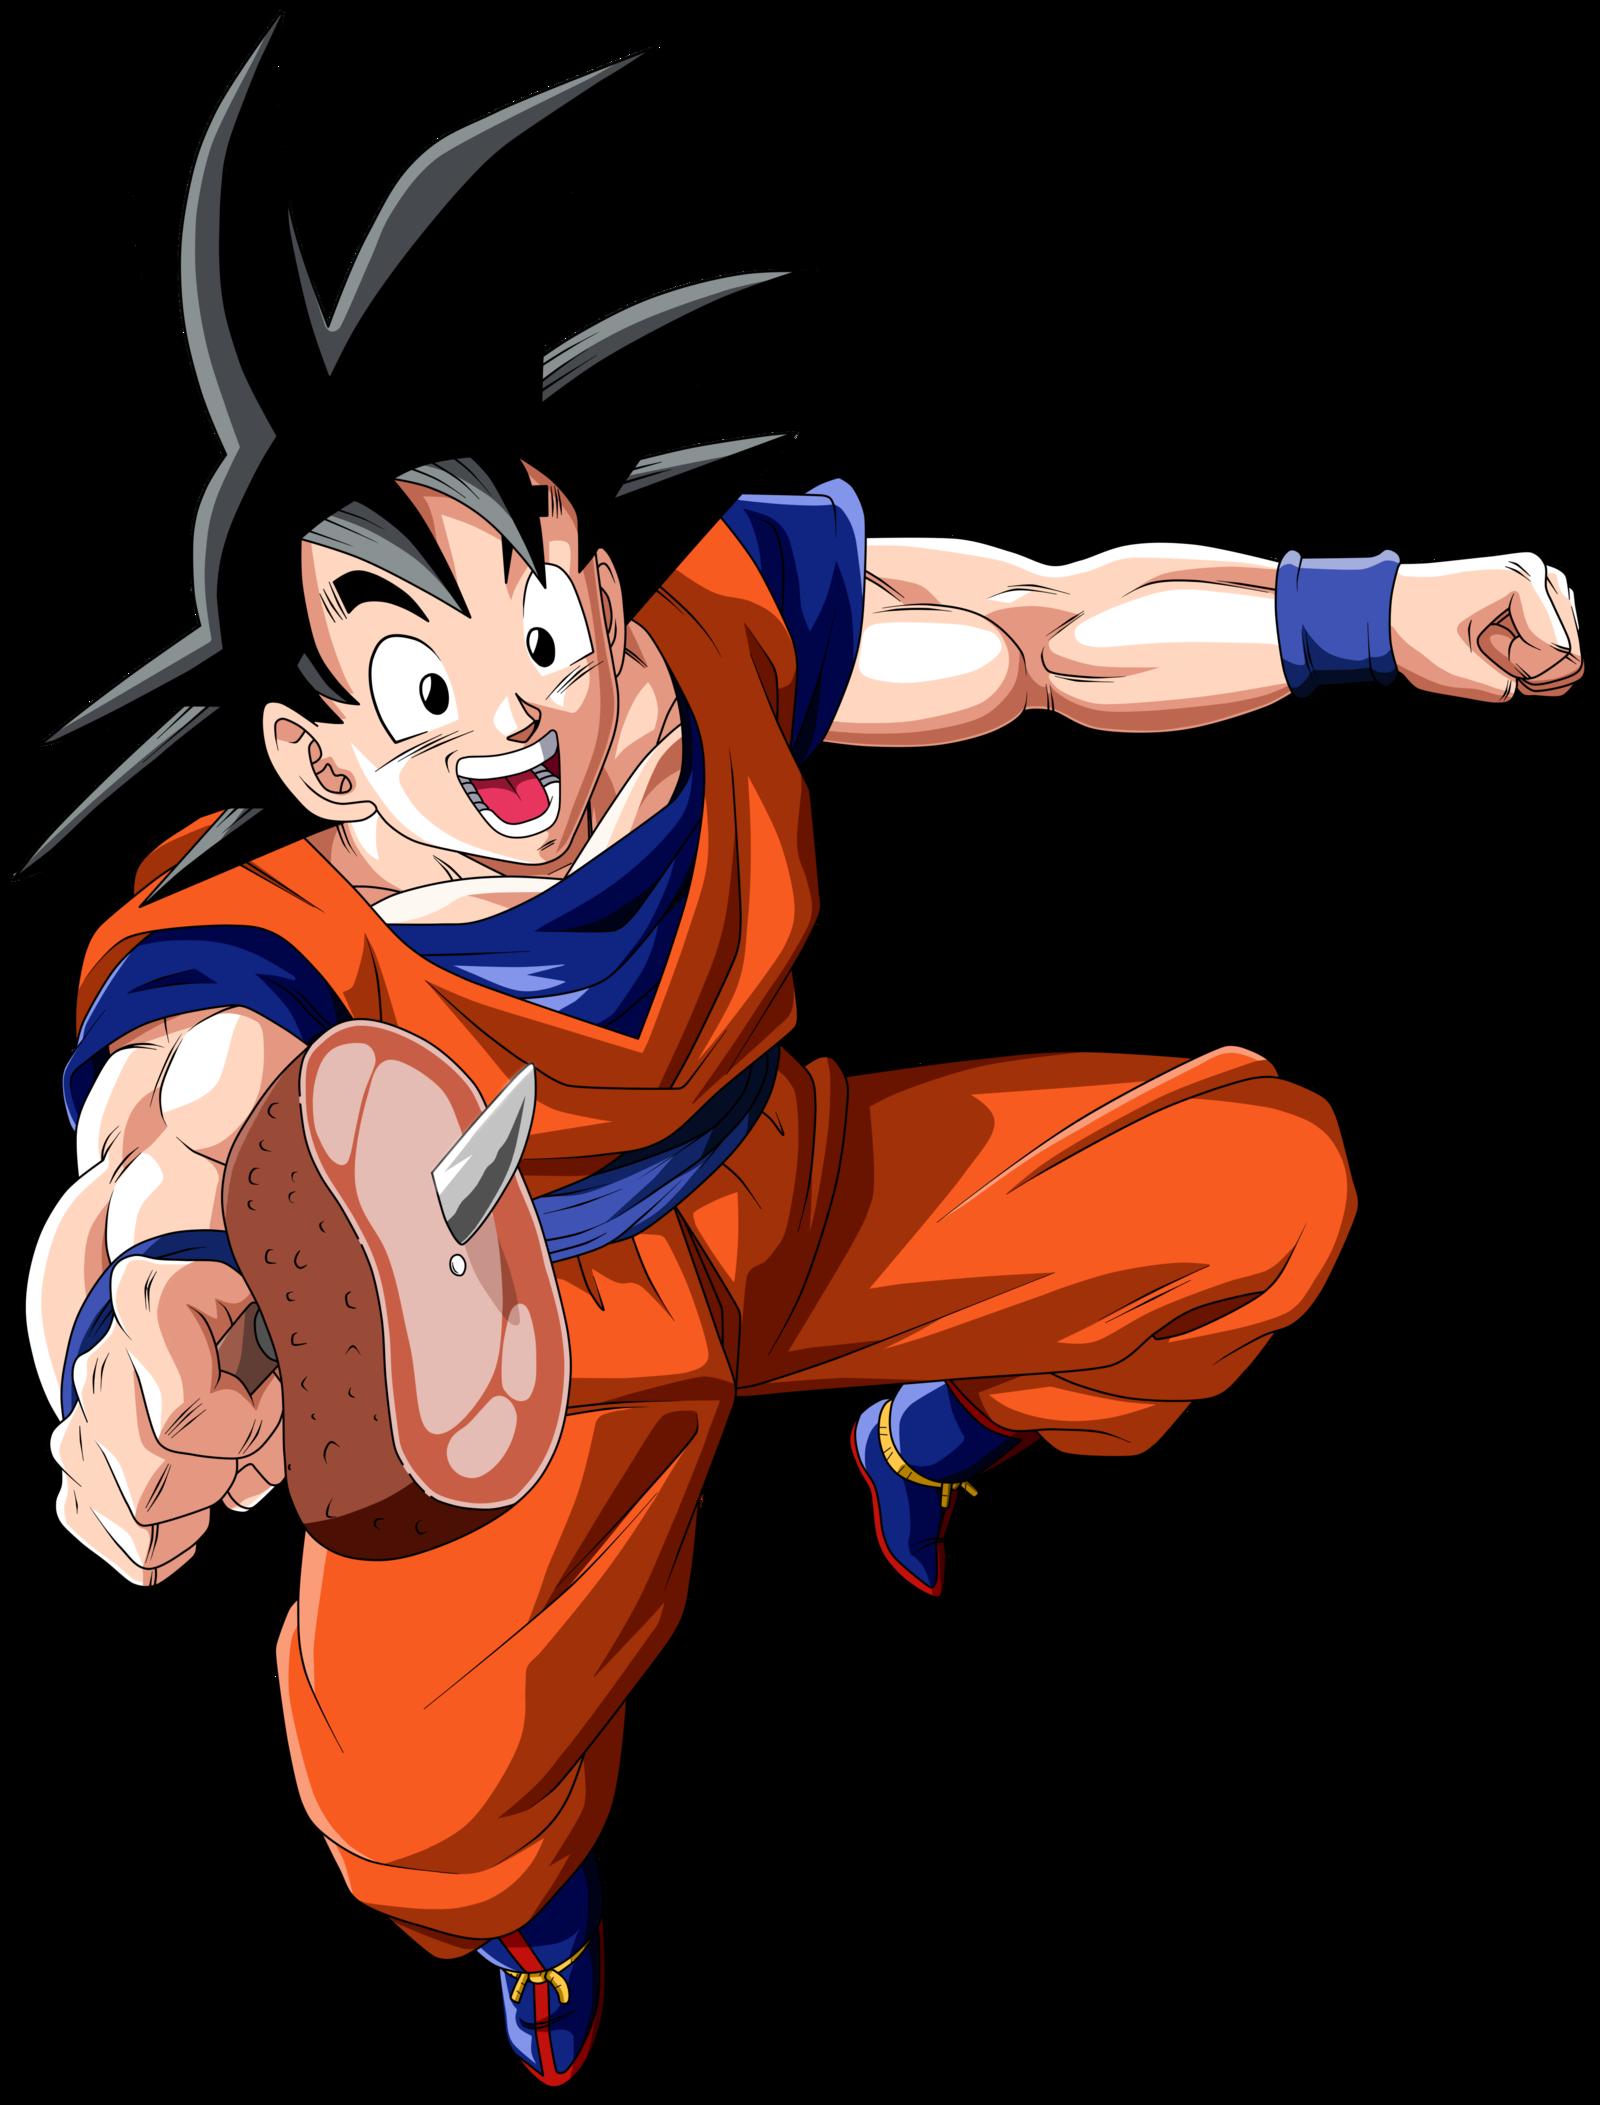 Kid Goku vs. Goku SSJ3 by orco05 on DeviantArt | Dragon Ball (Z ...